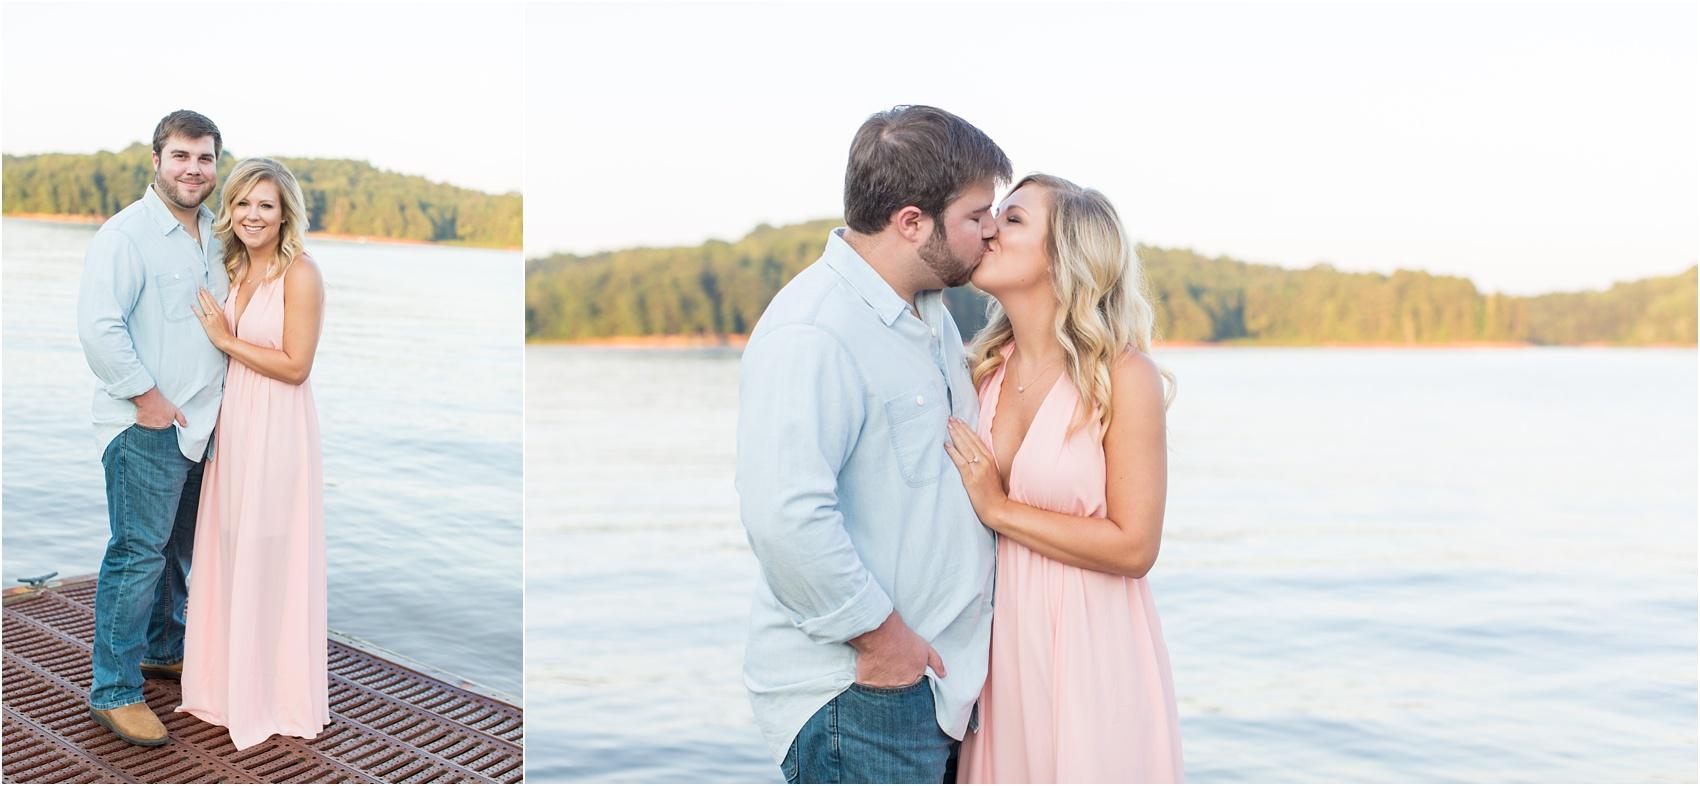 Lauren & Matthew Engagements 2-2.jpg